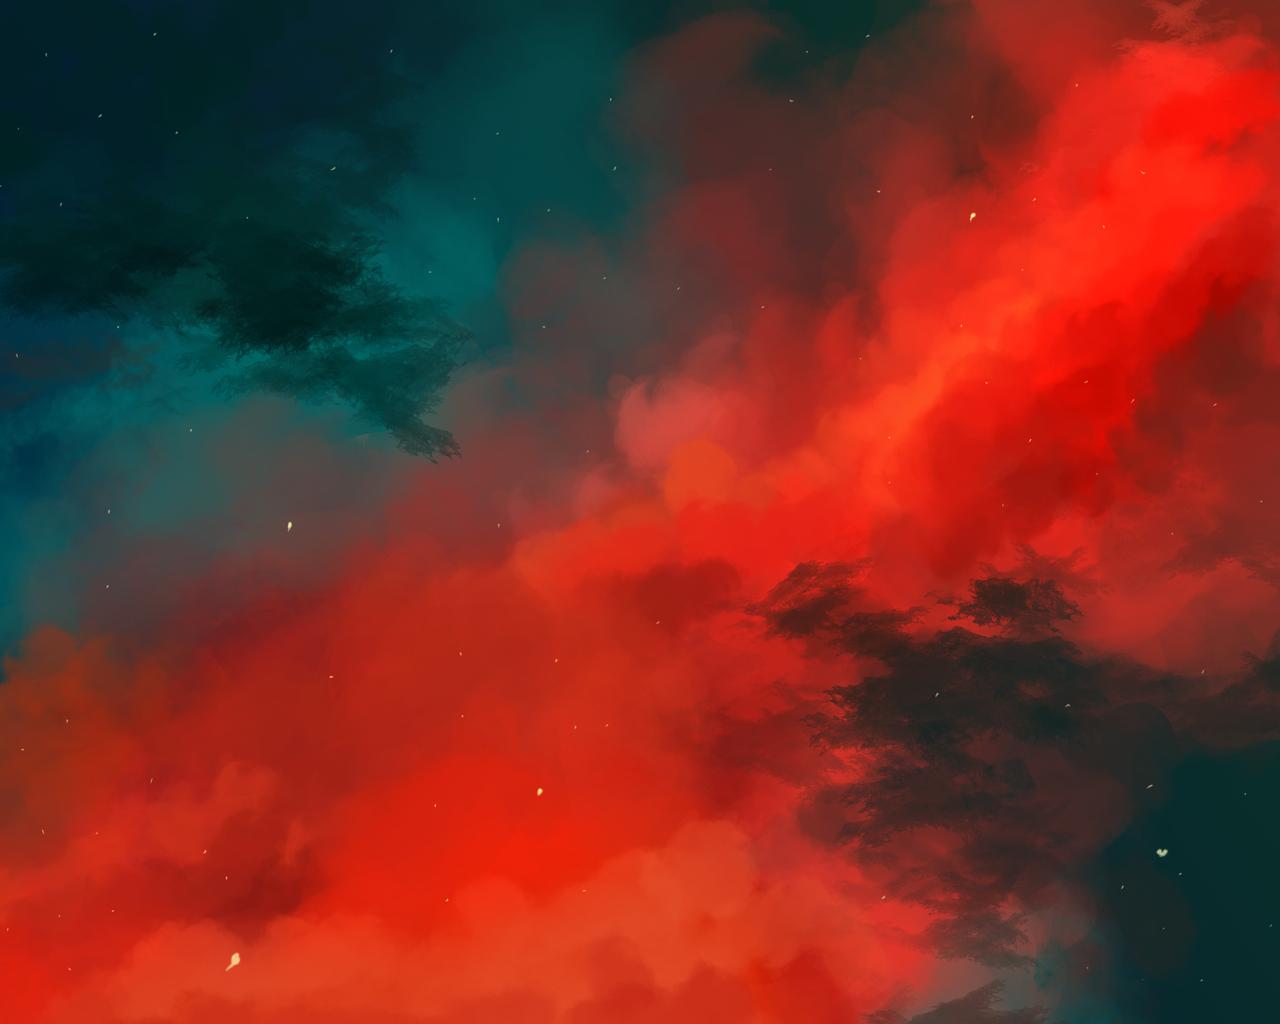 scifi-nebula-8k-yj.jpg